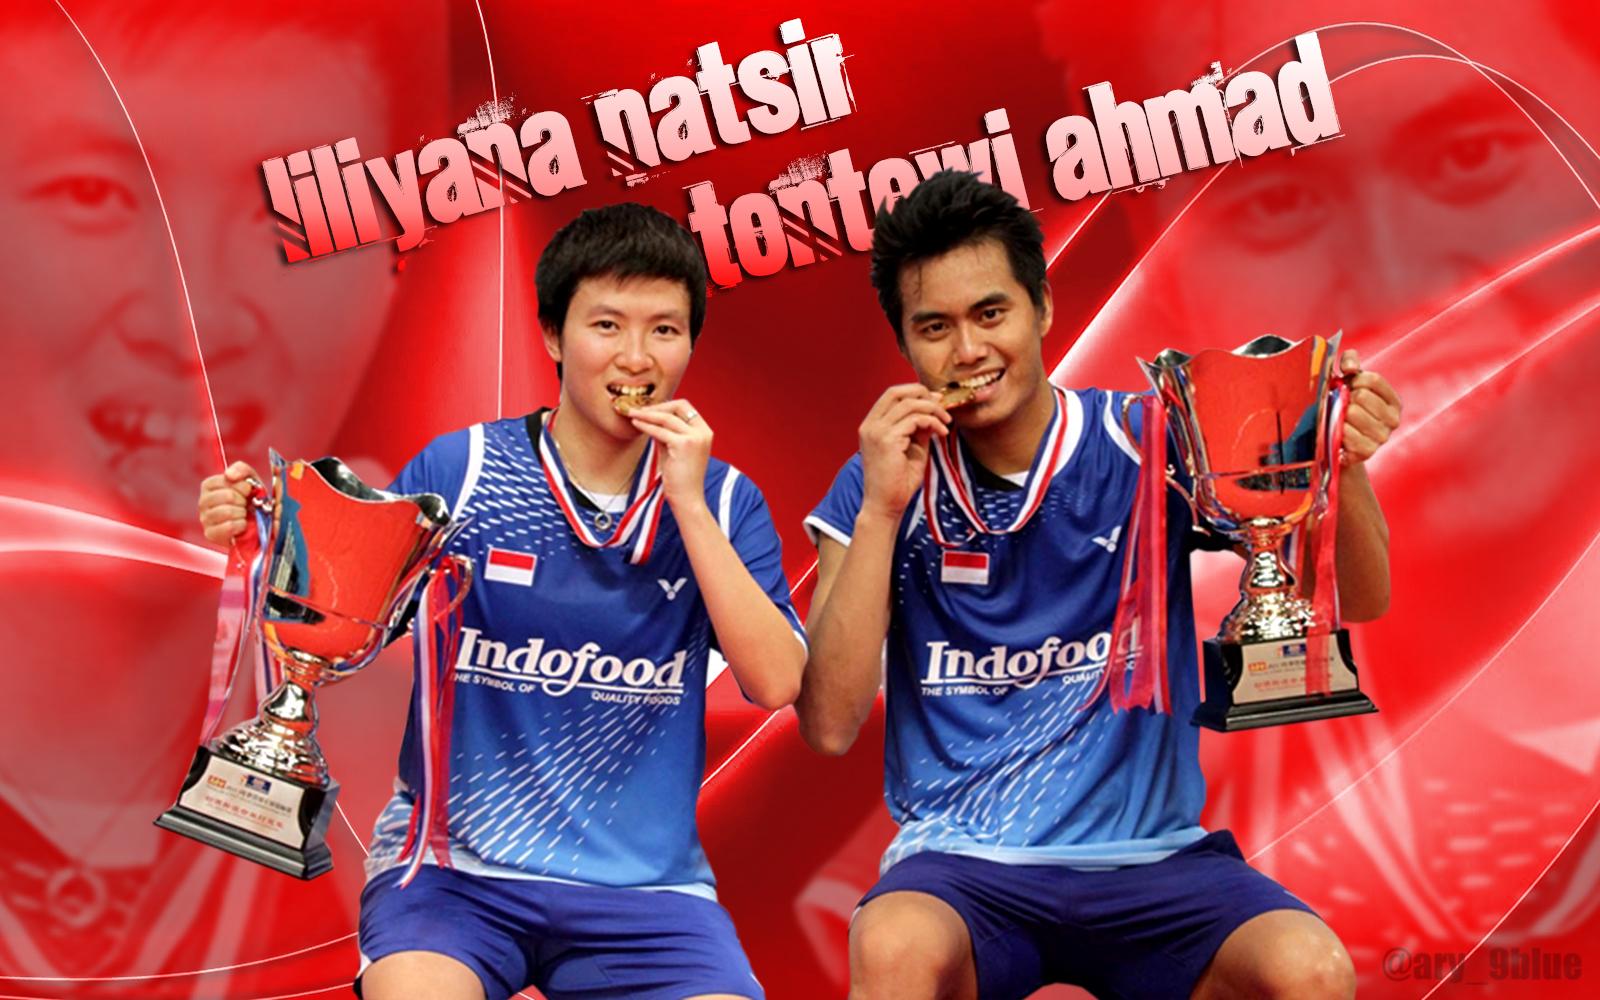 Wallpaper Tontowi Ahmad Liliyana Natsir